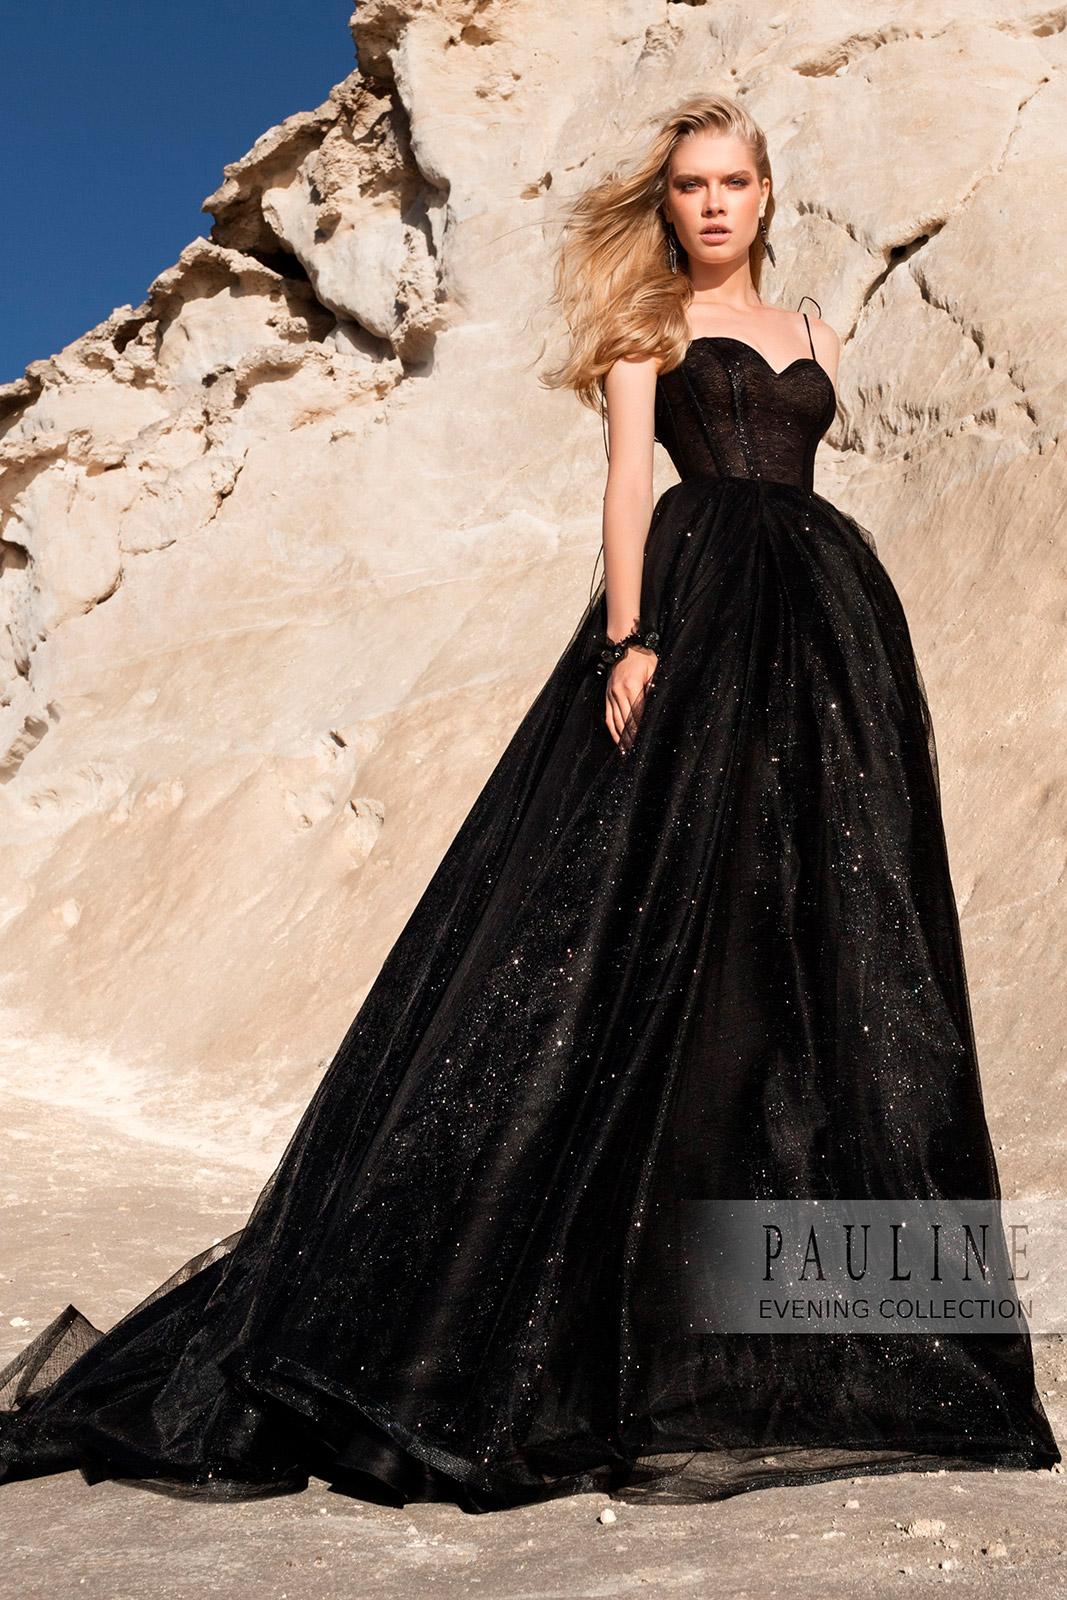 64ac096abb7 выпускное платье PAULINE модель ЧЕРНАЯ КОРОЛЕВА ( цена  31000руб) кол-я 2019